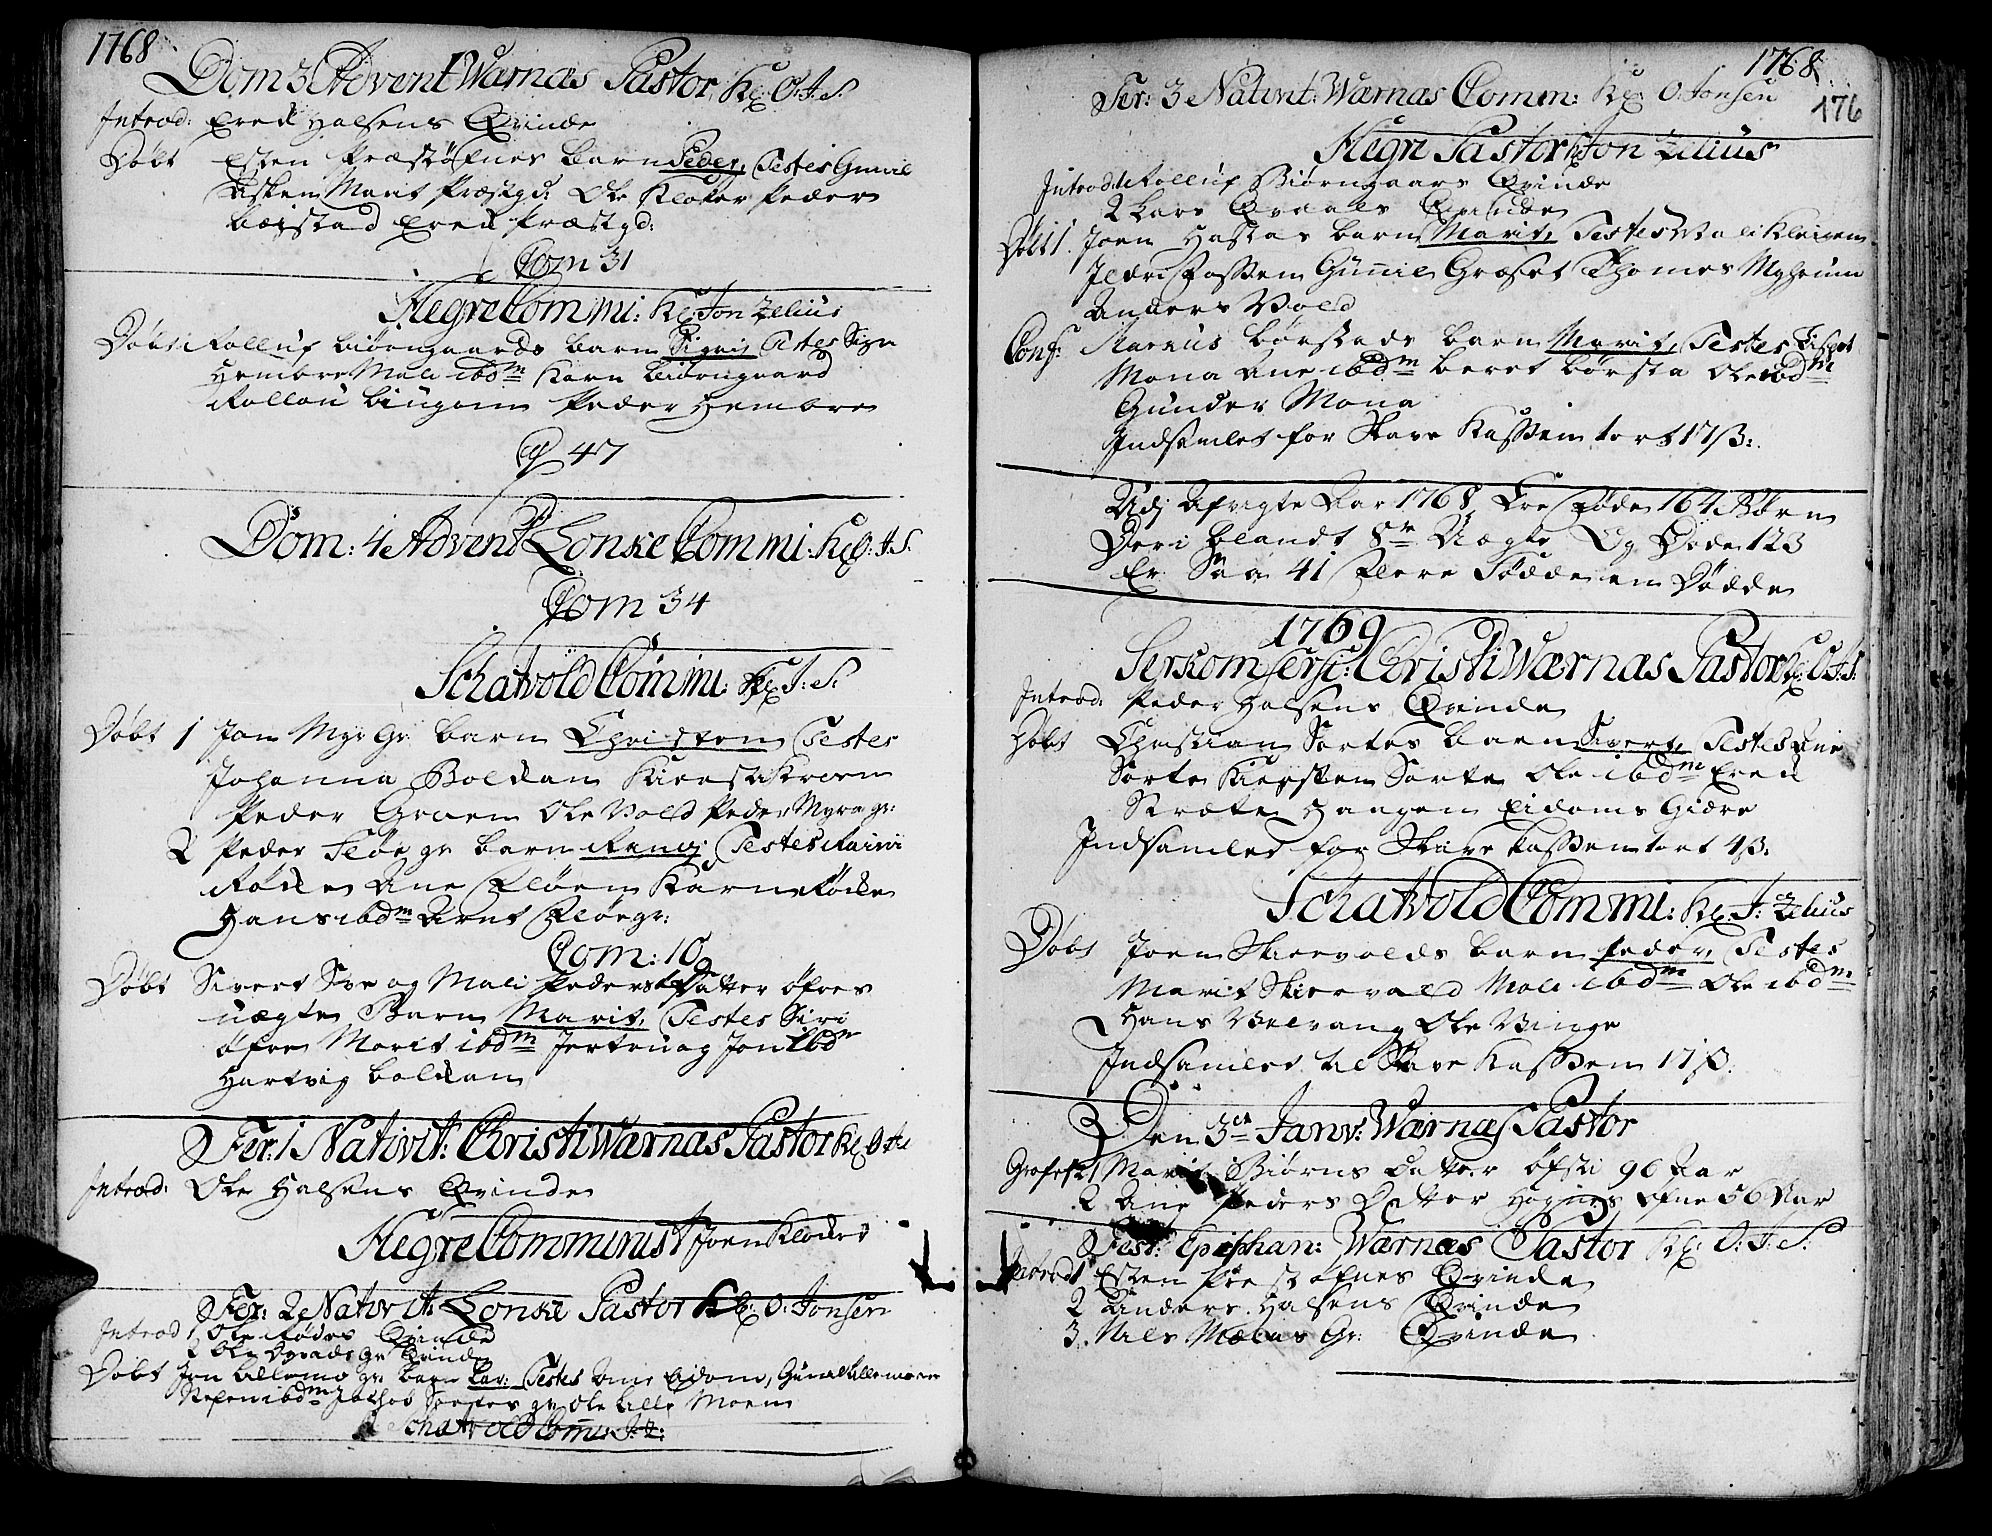 SAT, Ministerialprotokoller, klokkerbøker og fødselsregistre - Nord-Trøndelag, 709/L0057: Ministerialbok nr. 709A05, 1755-1780, s. 176